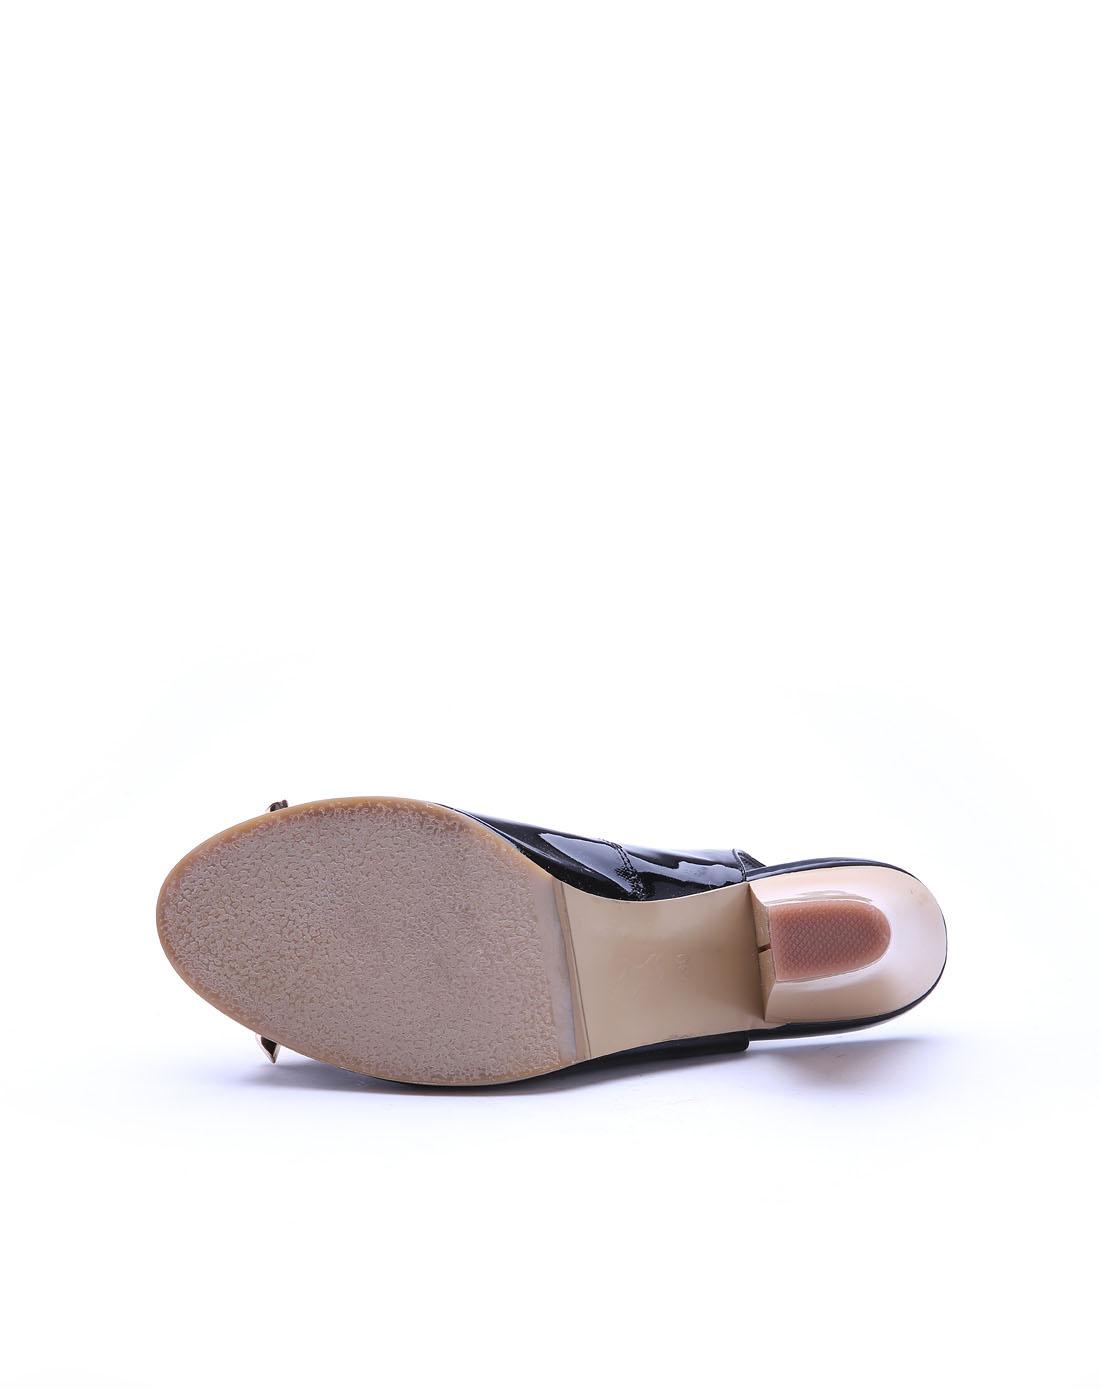 高蒂gaodi黑色牛皮凉鞋5202-31701